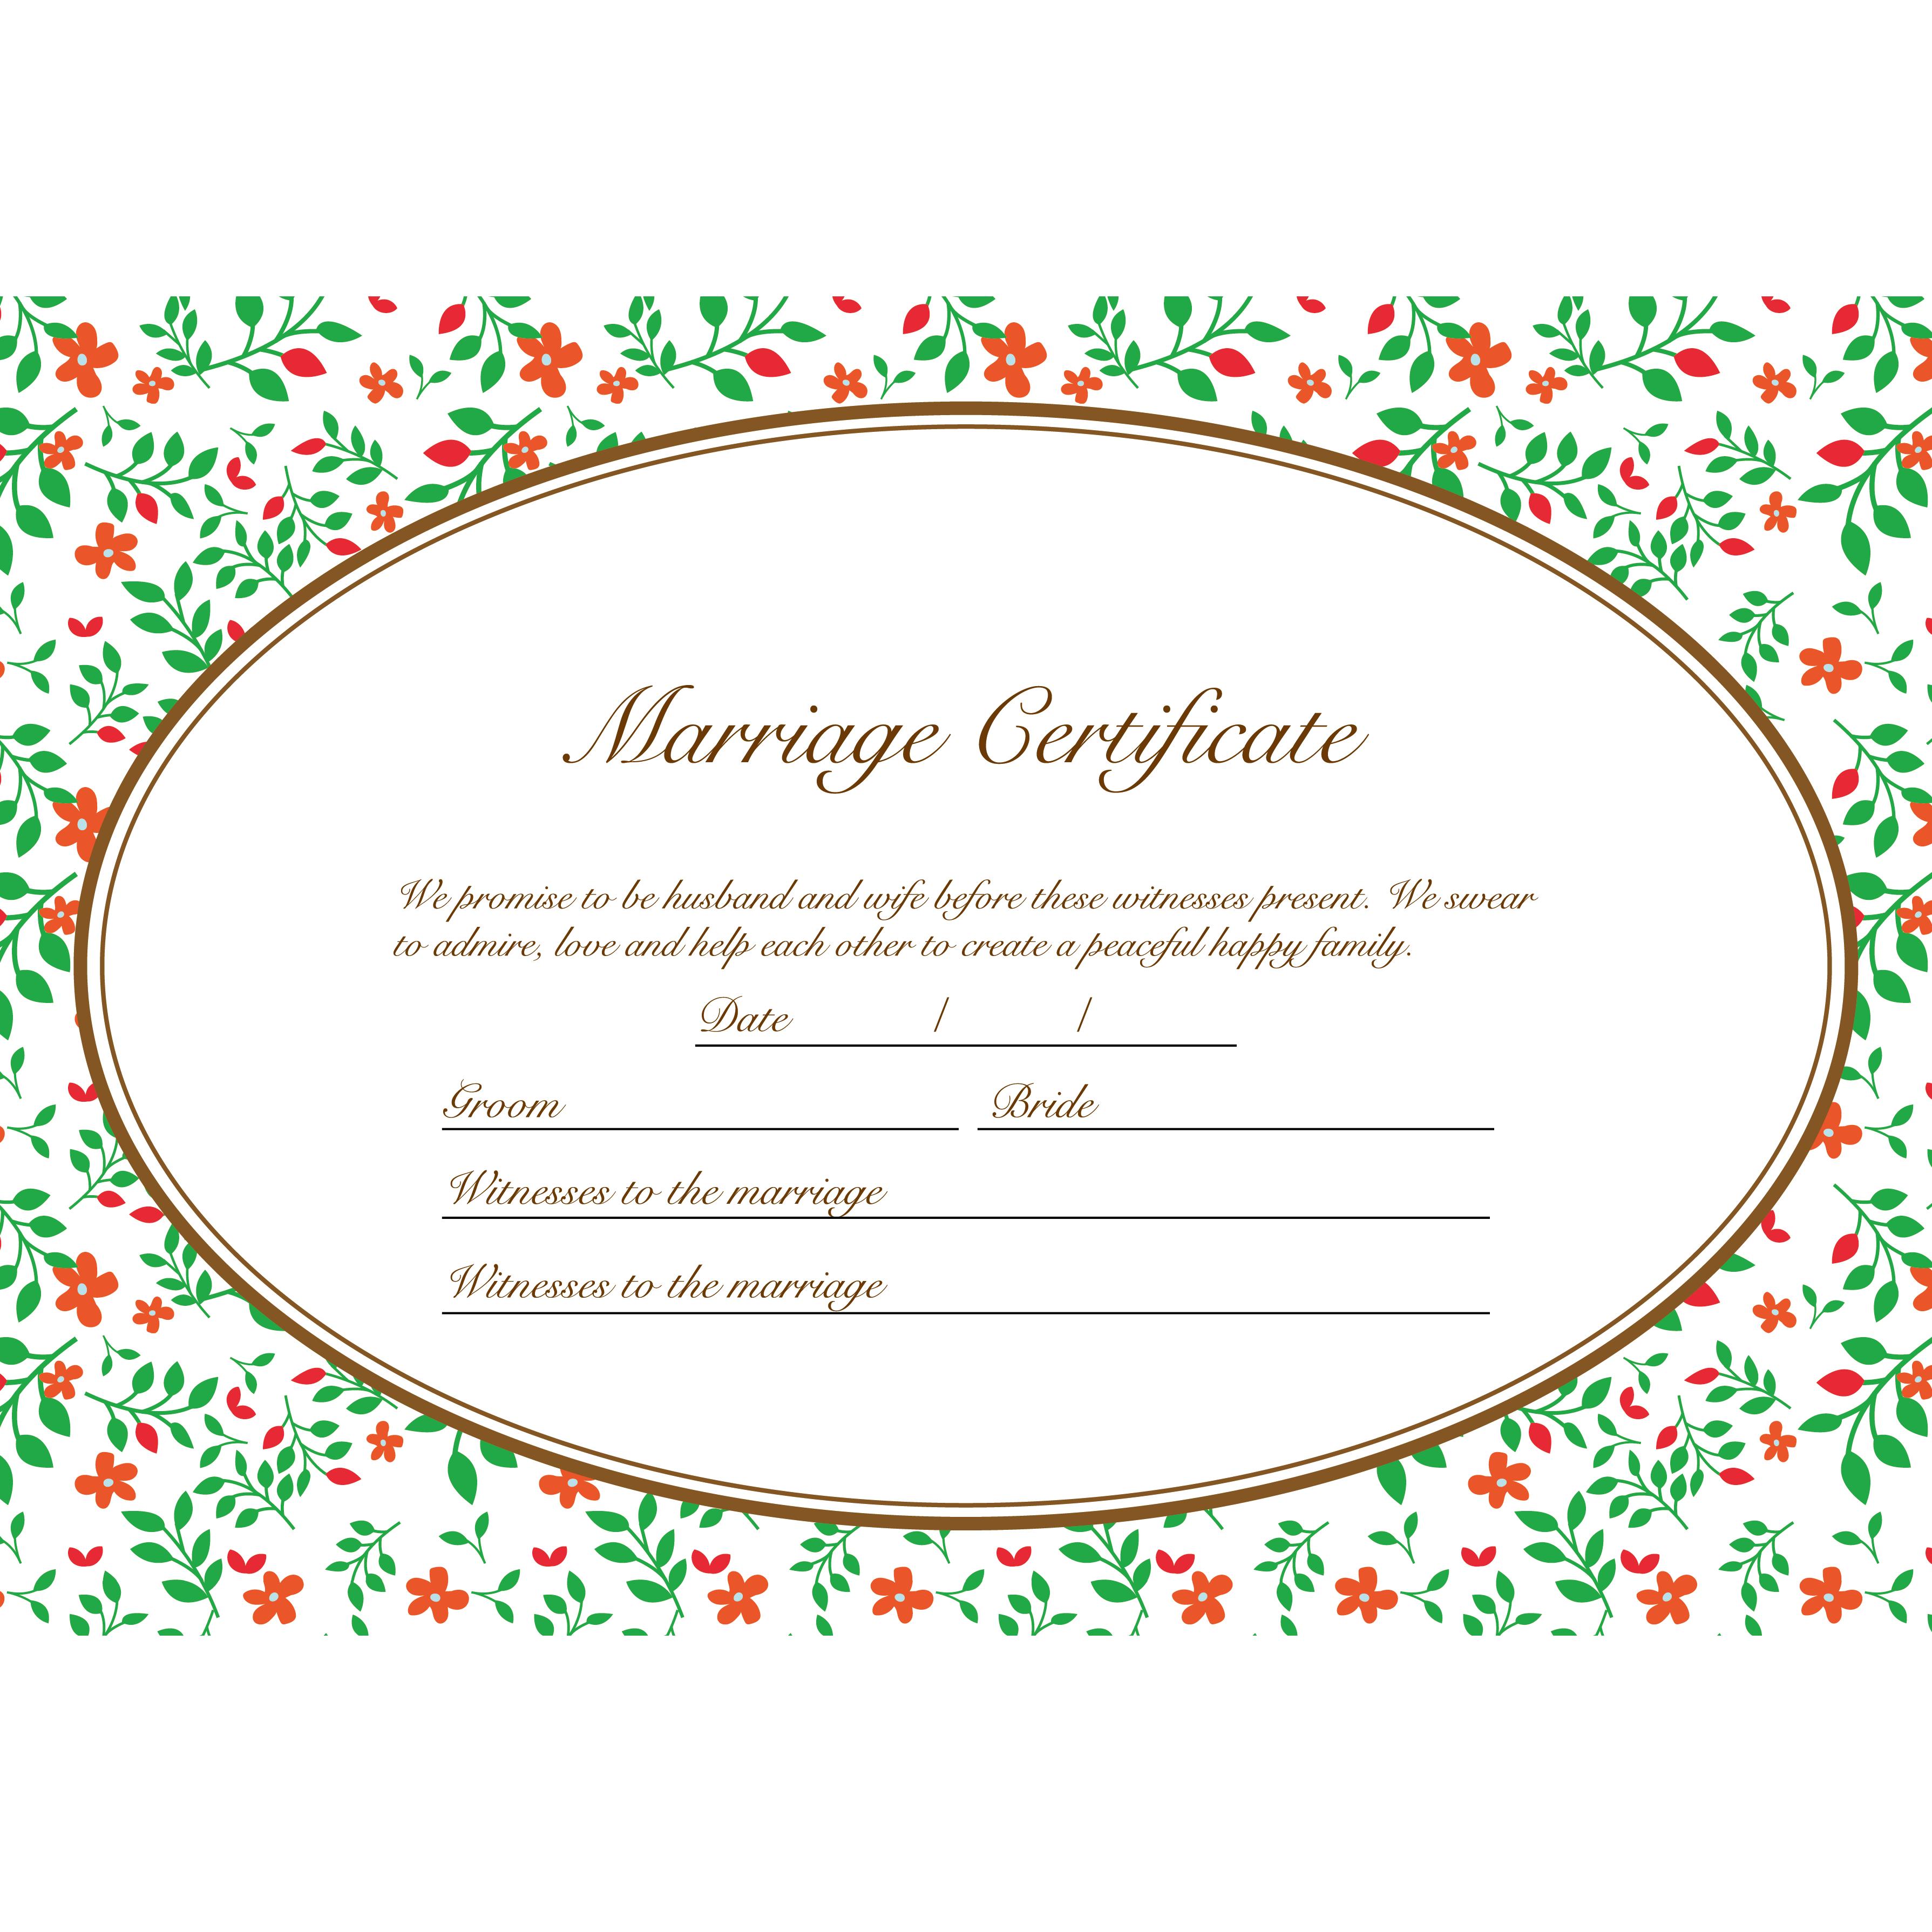 結婚証明書 テンプレート【横】 英語 イラストグリーンガーデン♪